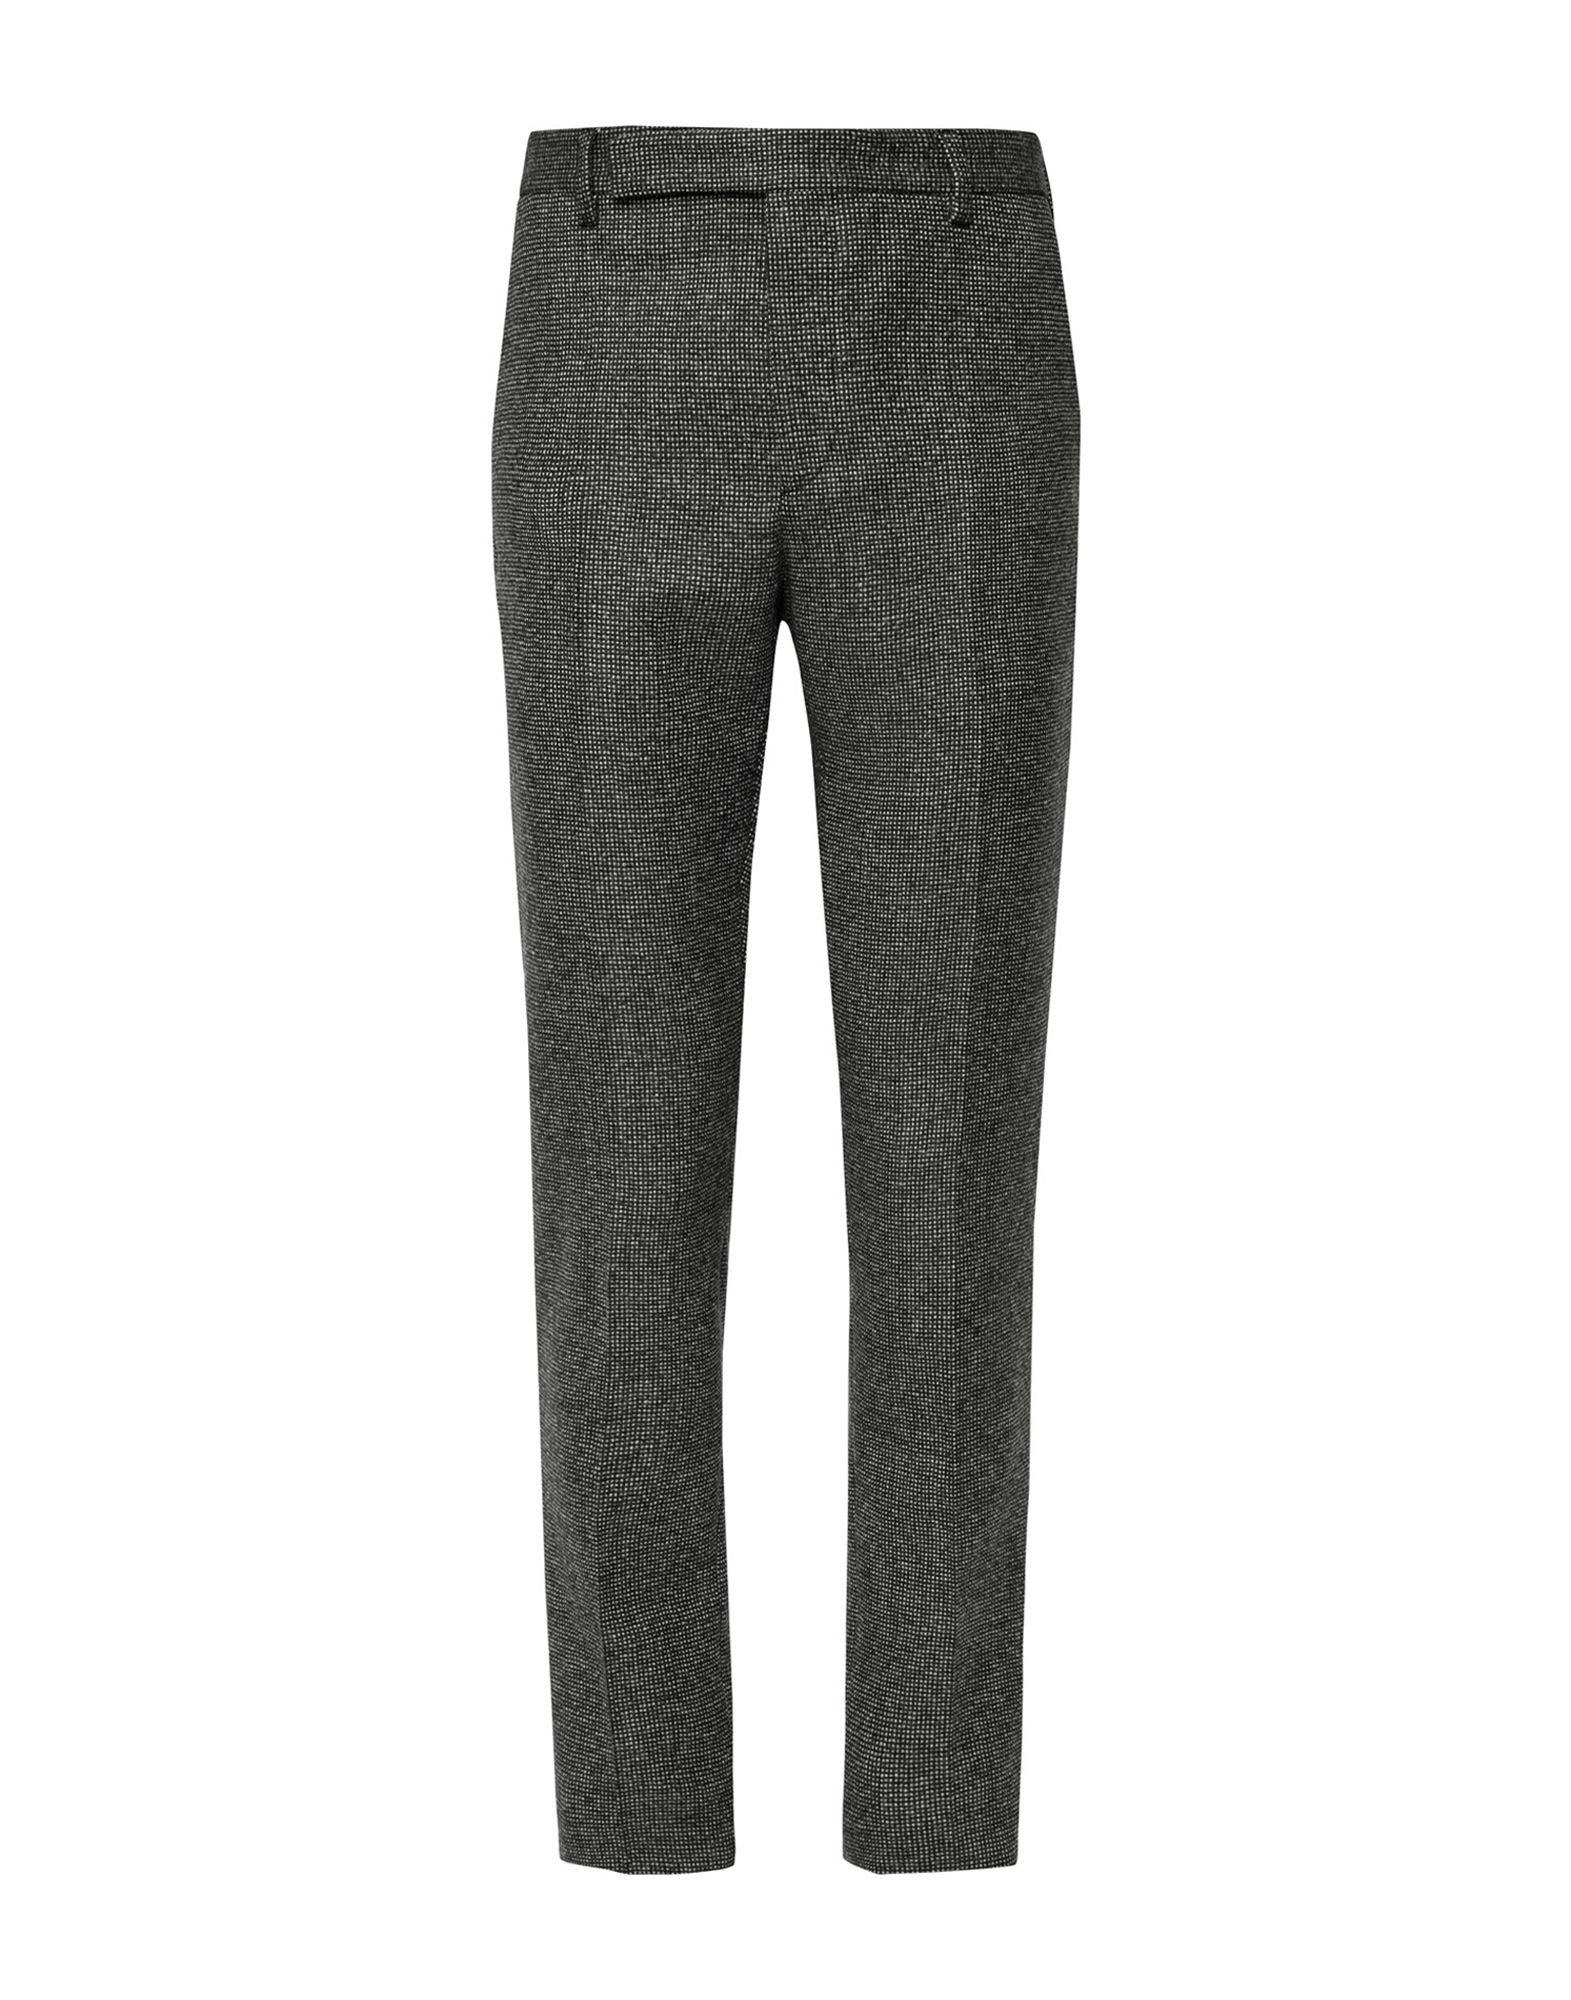 《送料無料》SAINT LAURENT メンズ パンツ スチールグレー 50 ウール 100%